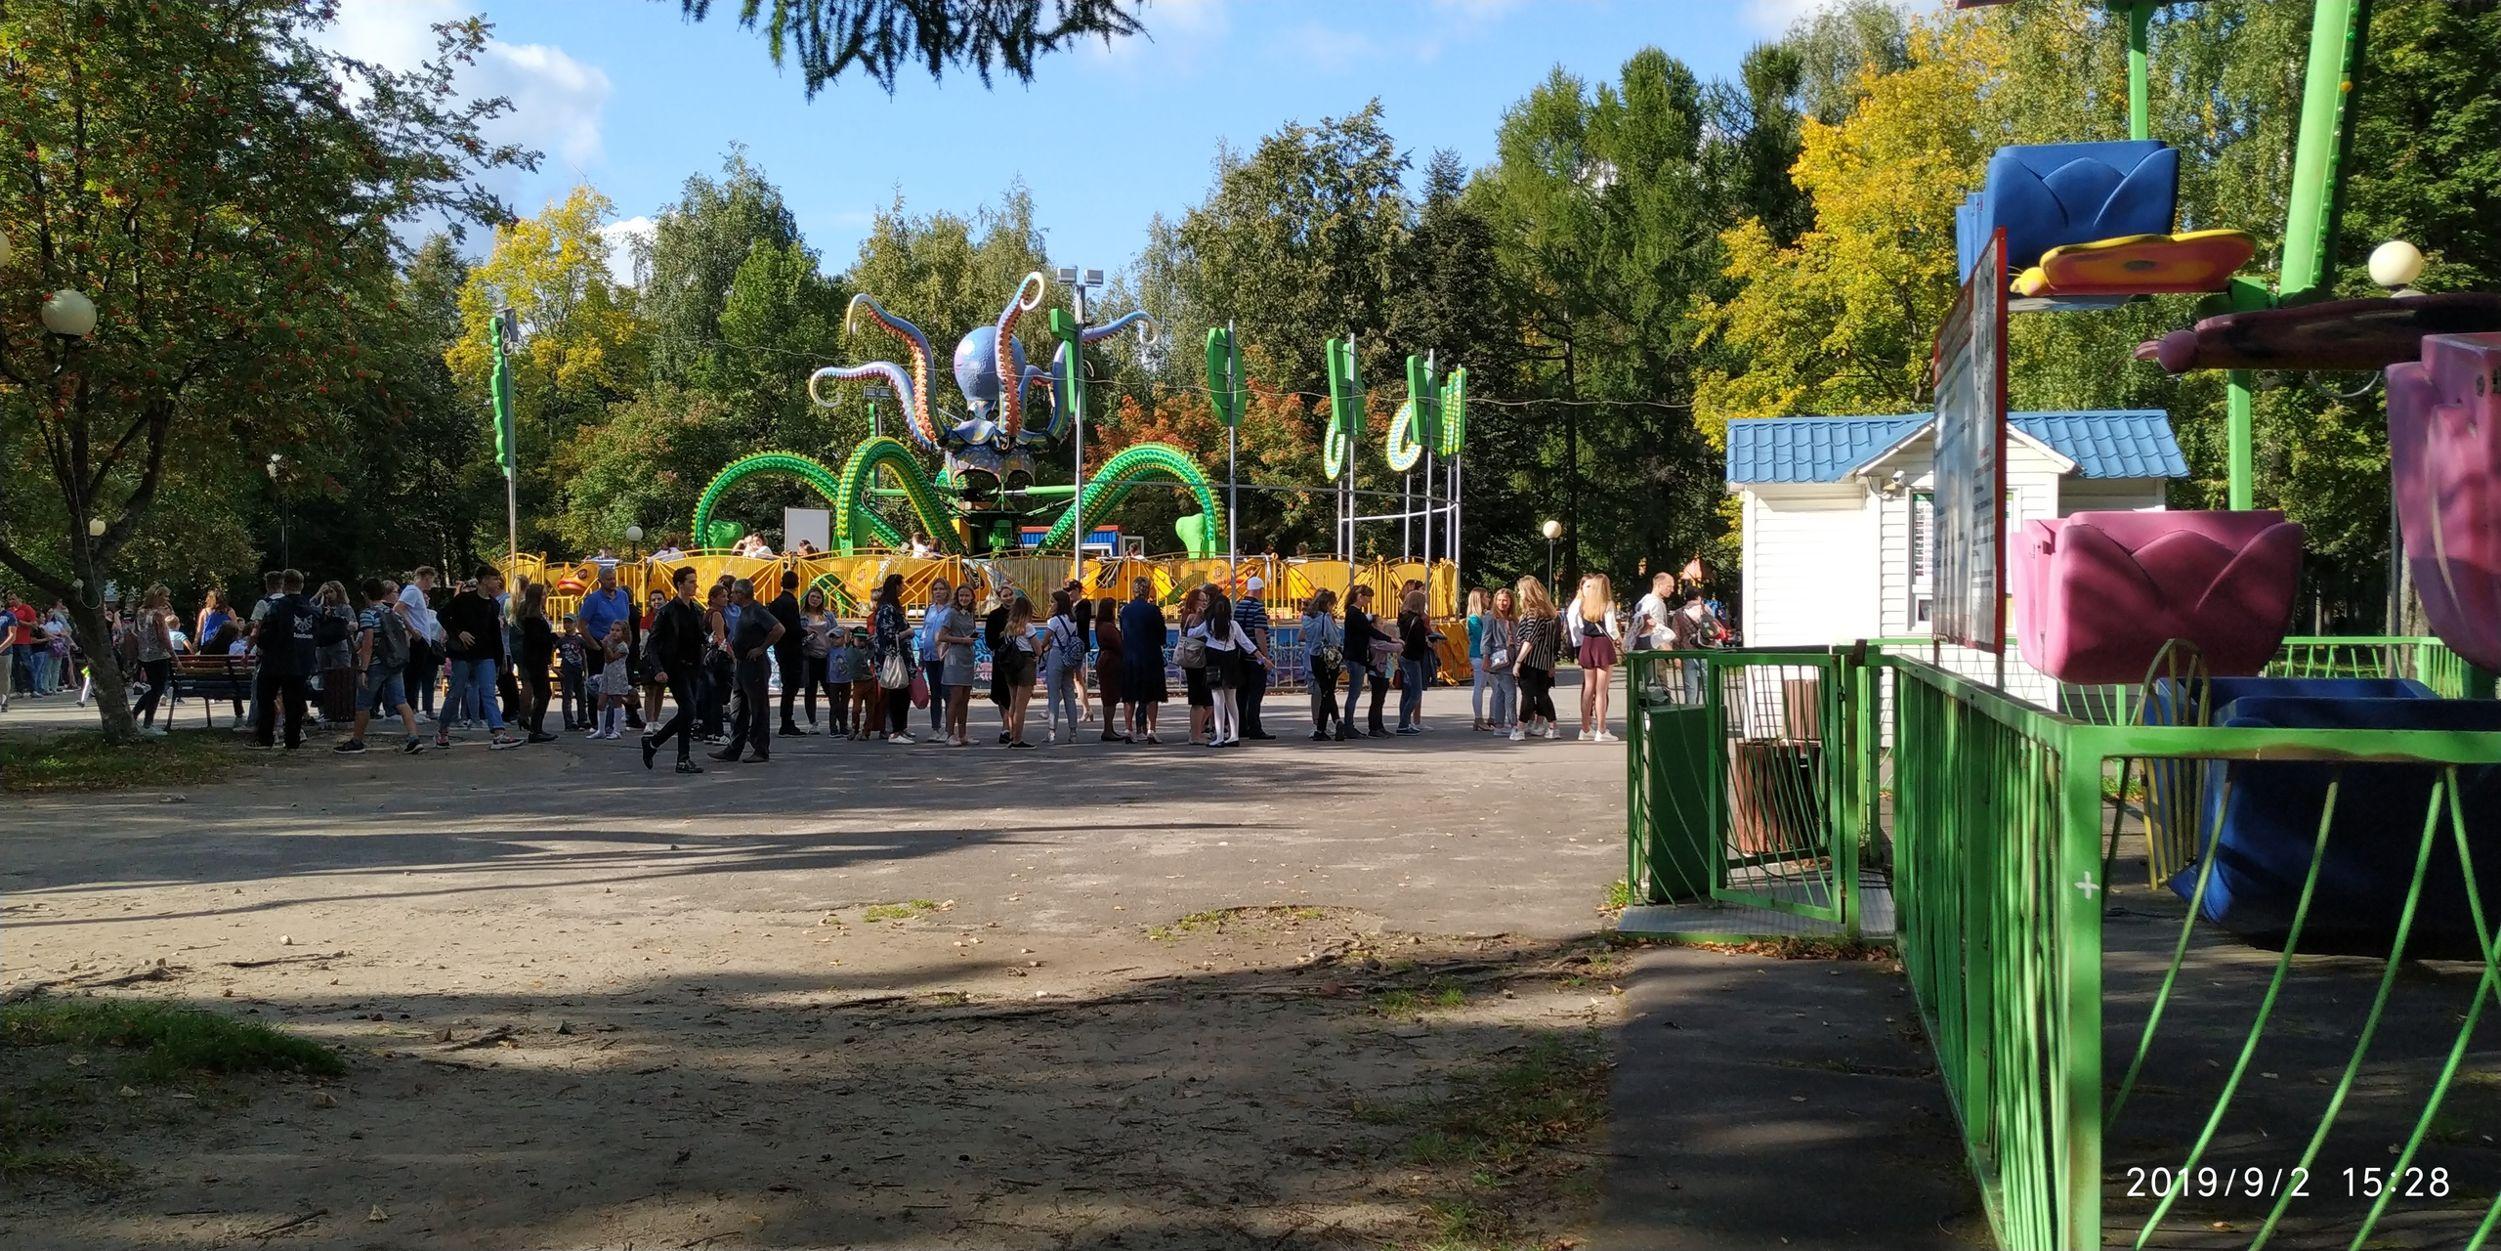 В Ярославле в День знаний в парках образовались огромные очереди на аттракционы: в чем причина